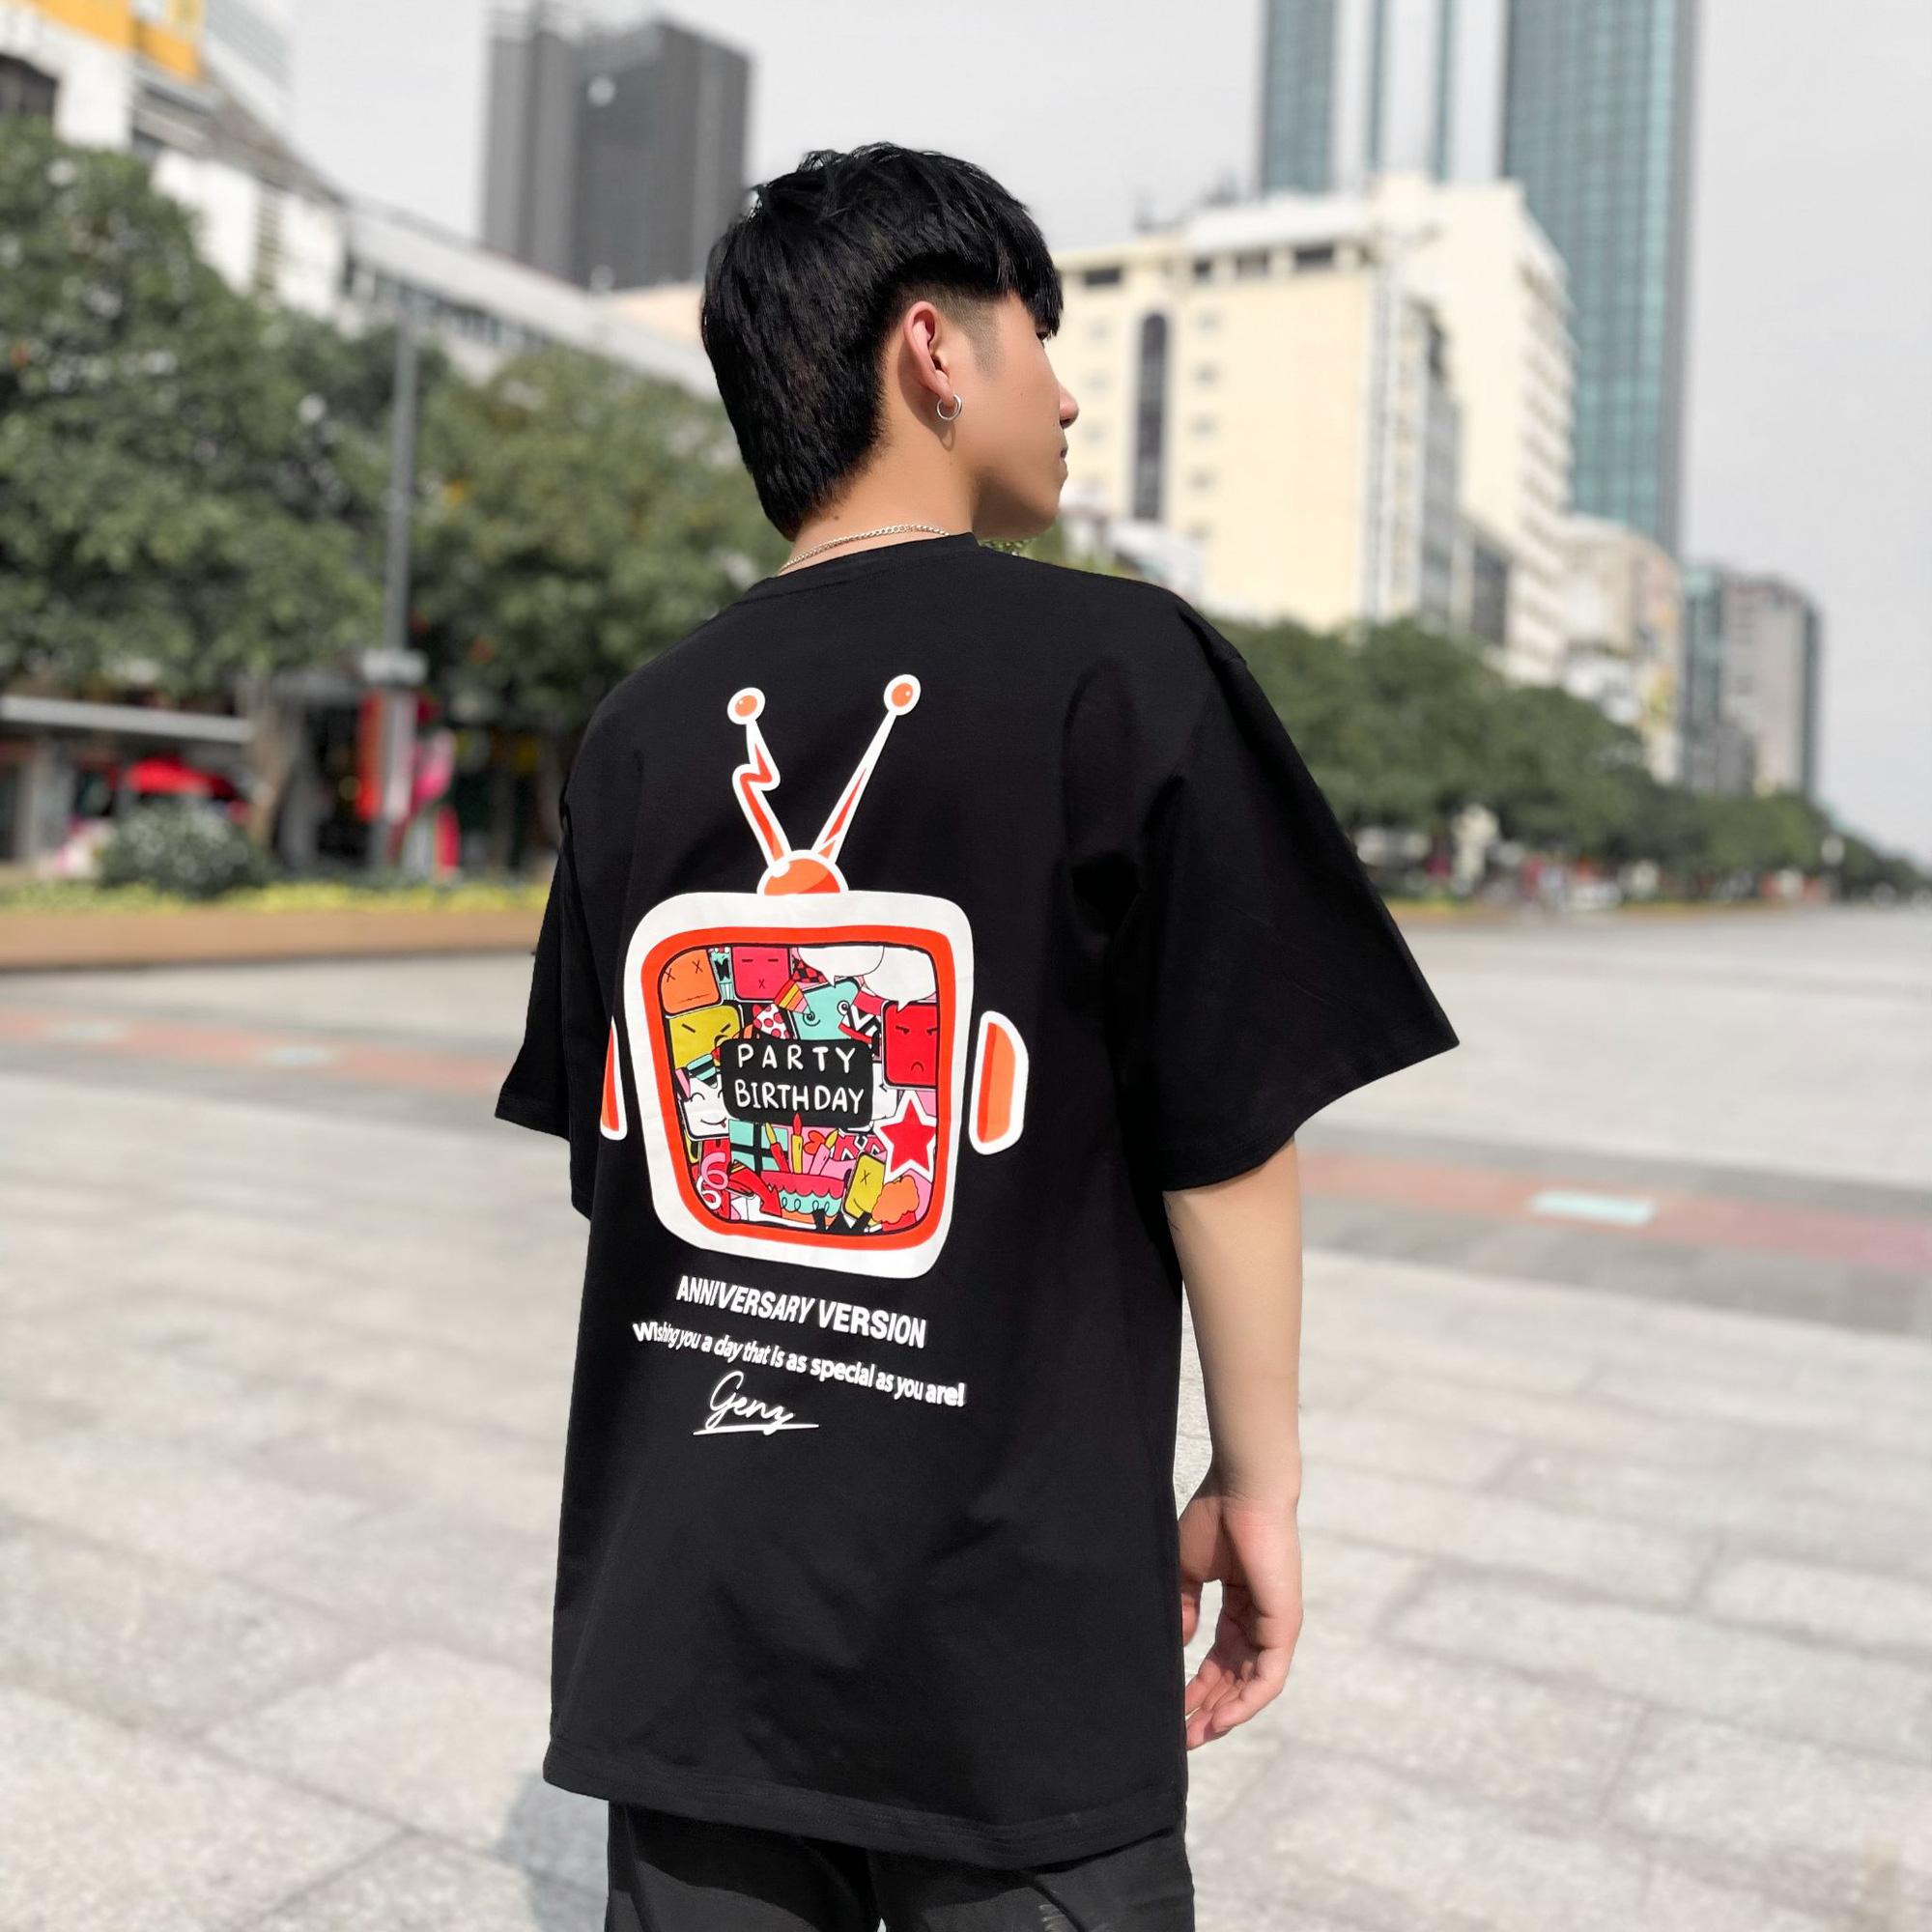 Những sản phẩm khuấy đảo giới trẻ của GenZ - local brand tạo ra nhiều đột phá - Ảnh 1.